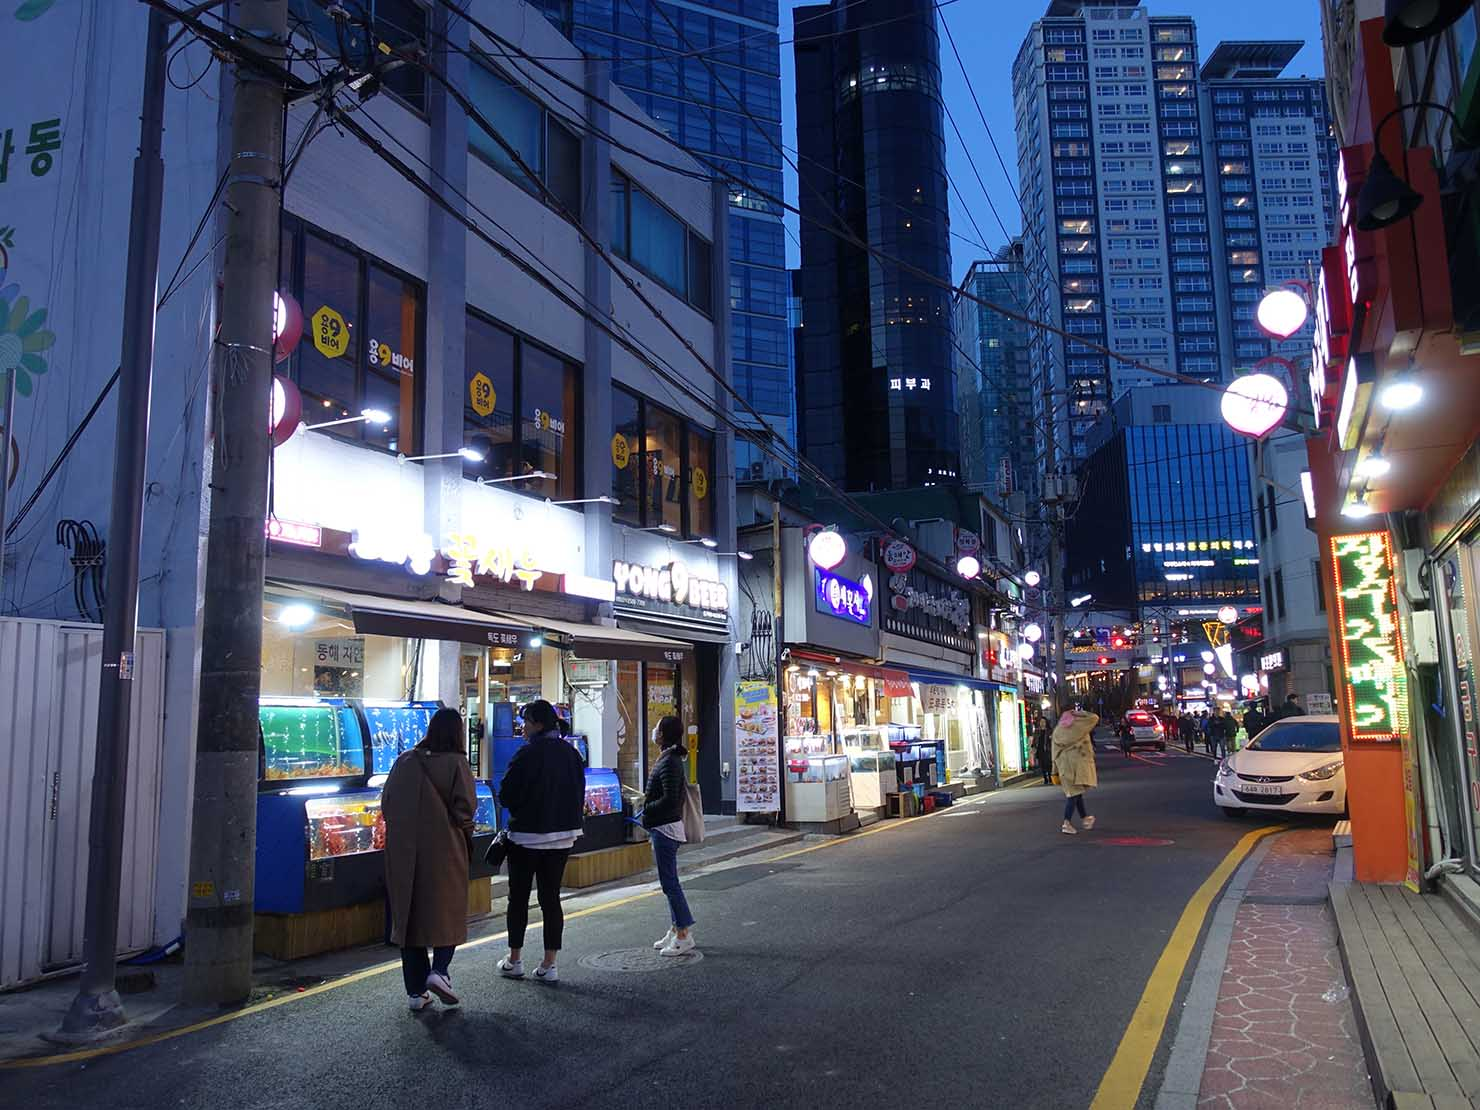 ソウル・孔德(공덕/コンドク)駅周辺の韓国グルメ店密集エリア